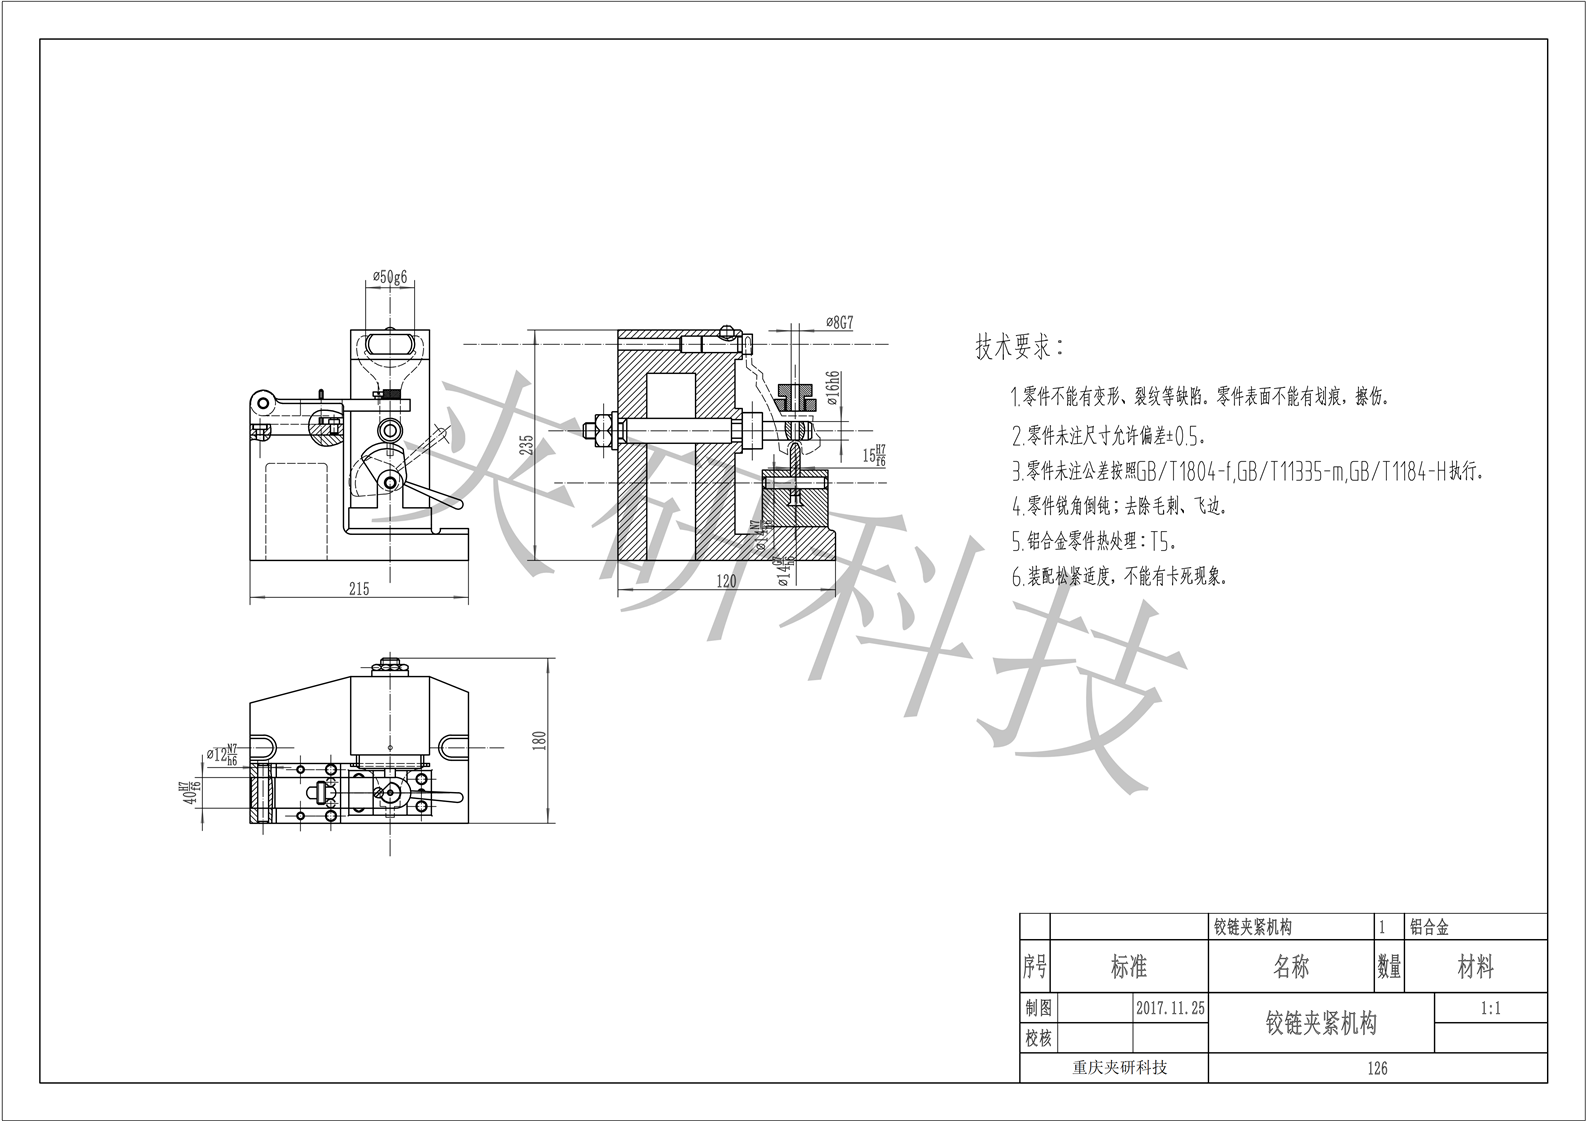 机床夹具设计院校实训系列模型  第2张